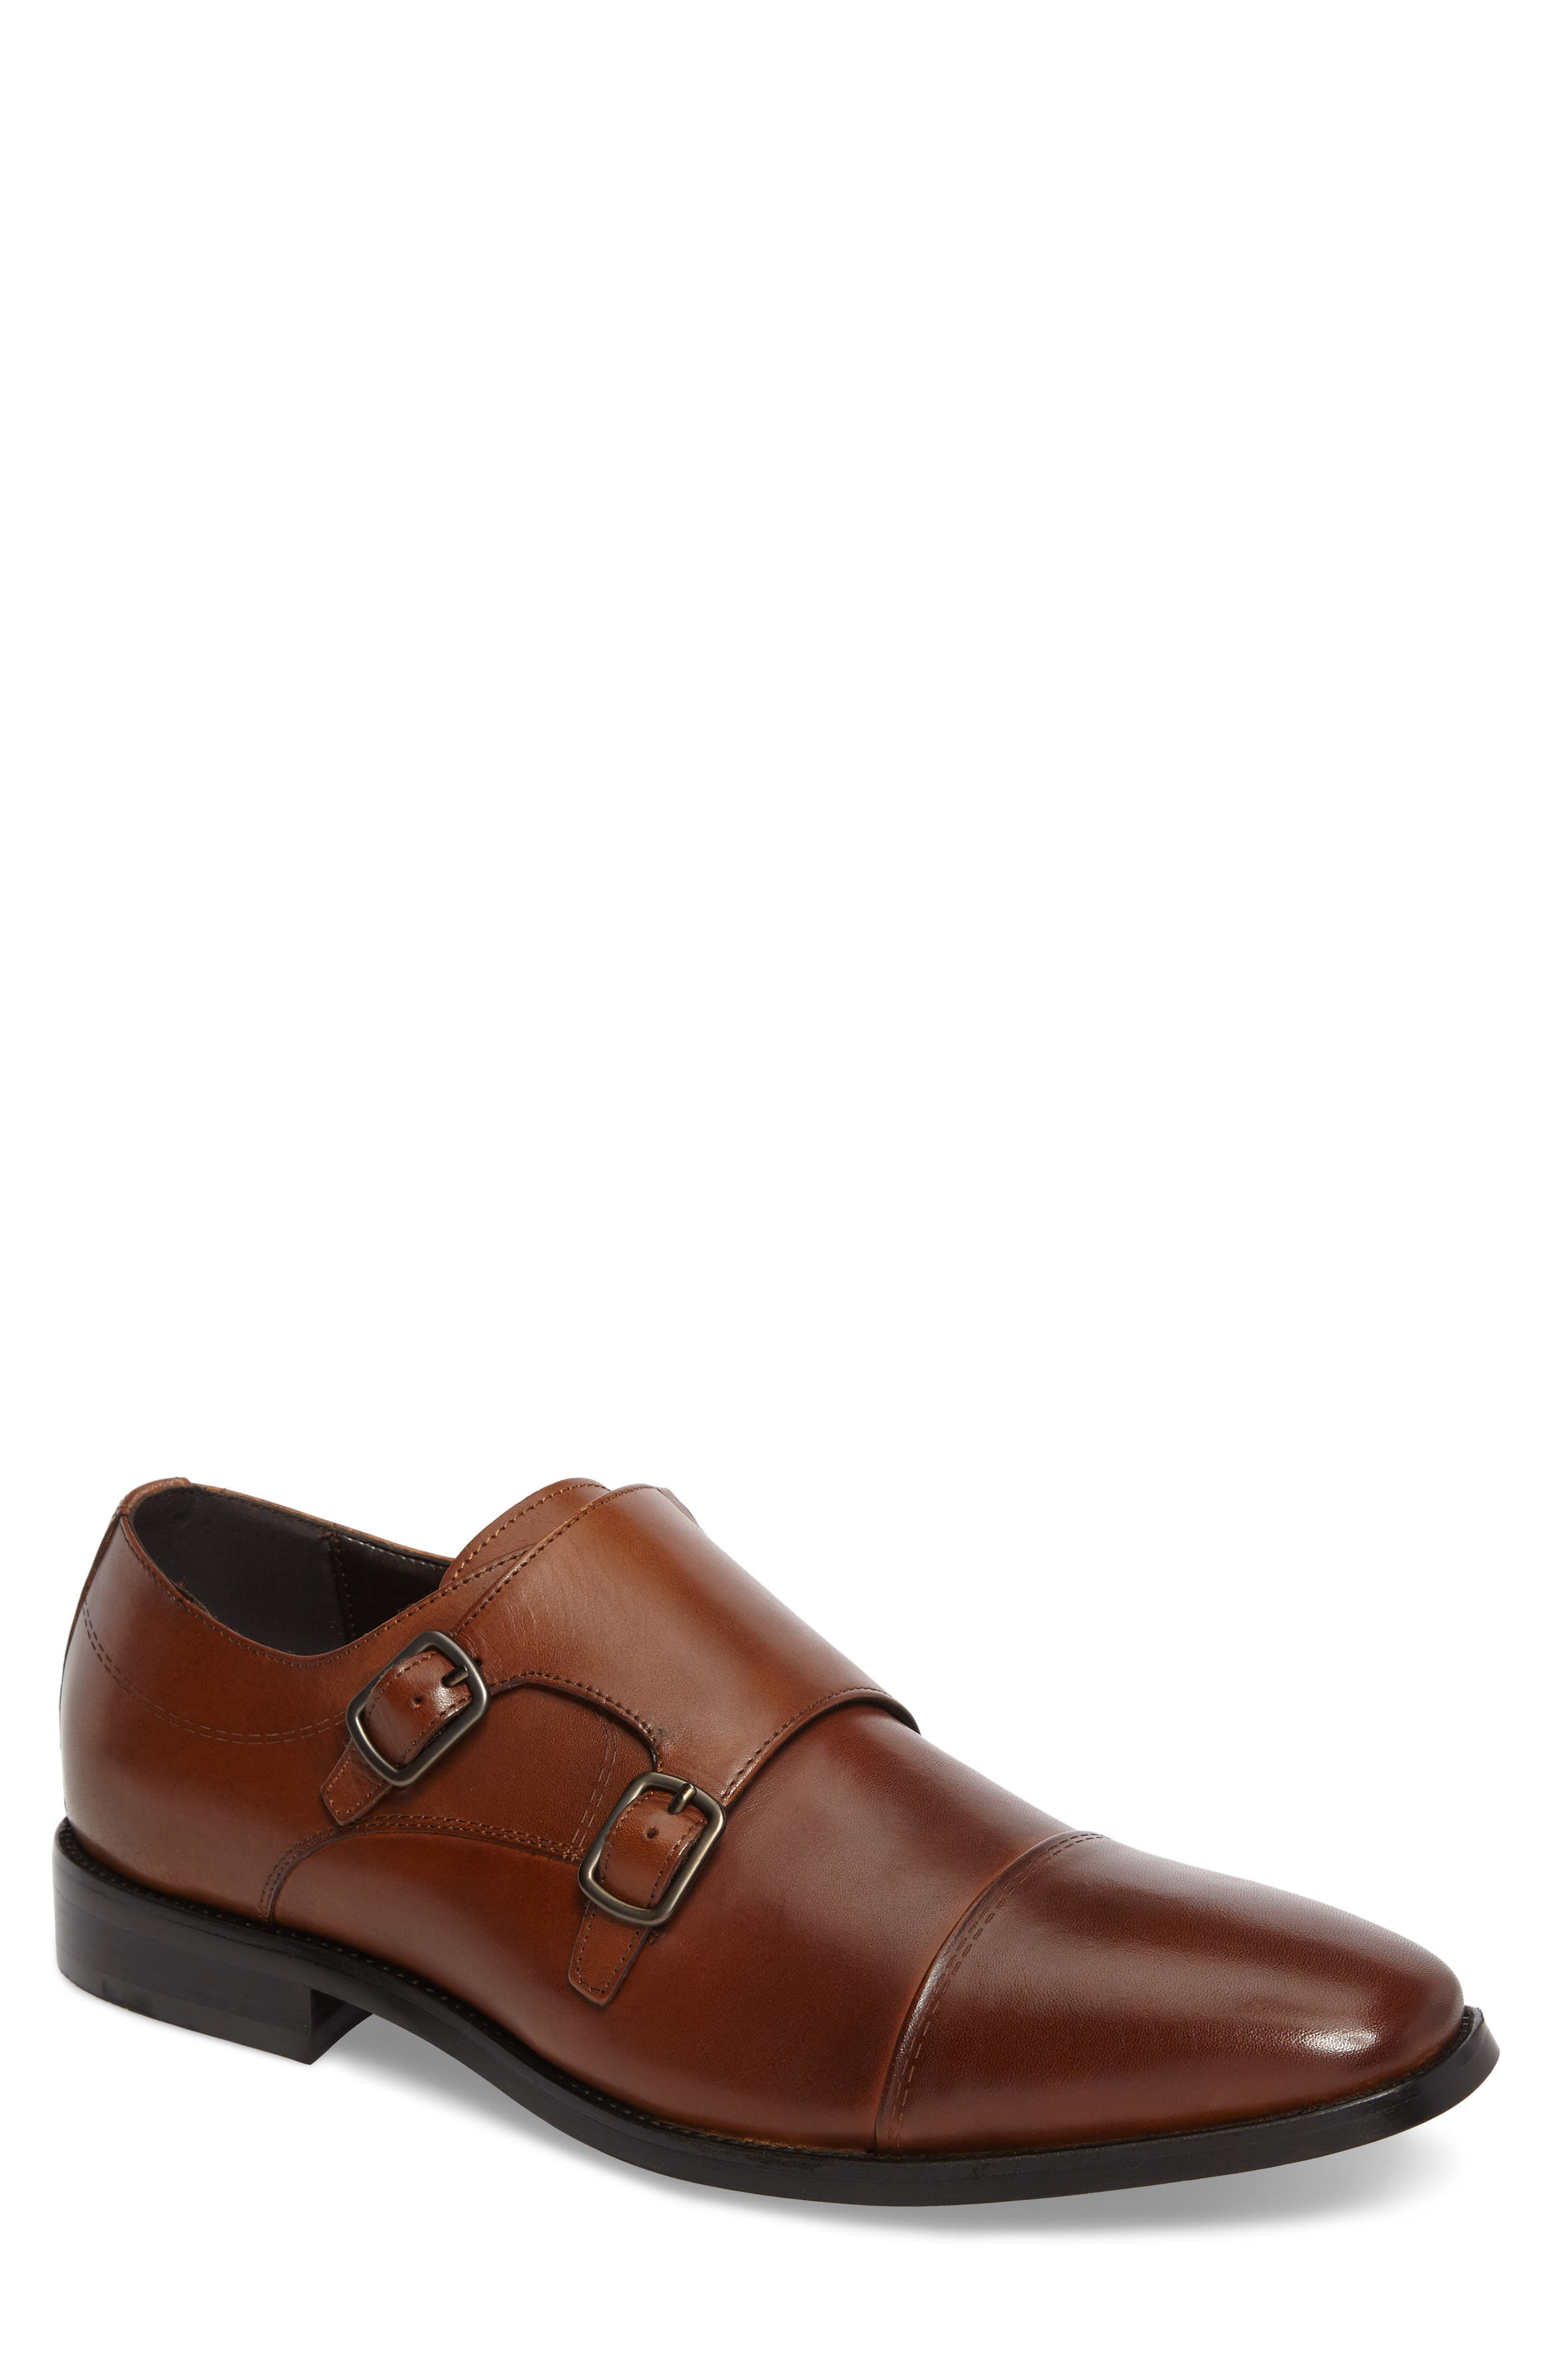 Kenneth Cole Reaction Double Monk Strap Shoe (Men)